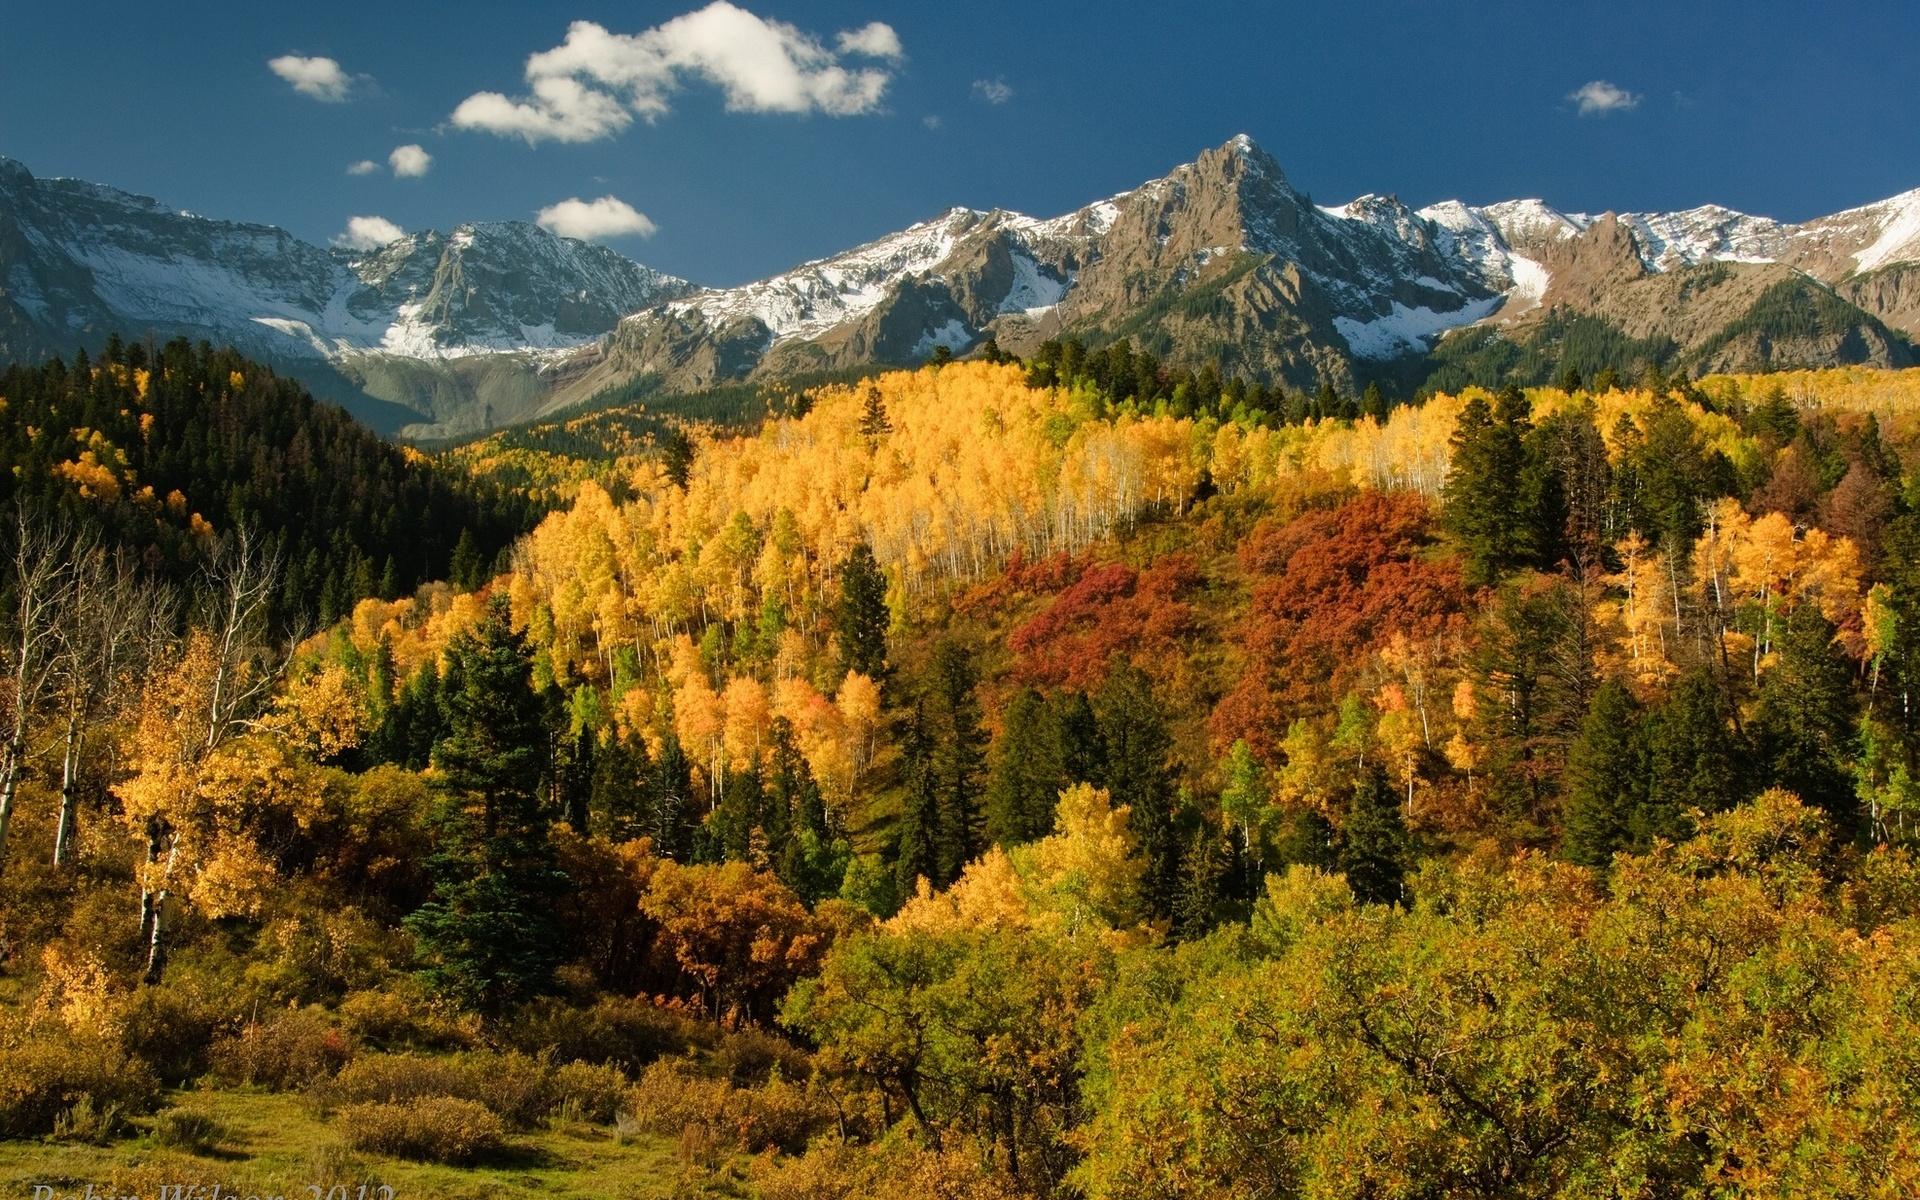 forest autumn fall sky wallpaper 1920x1200 30434 WallpaperUP 1920x1200